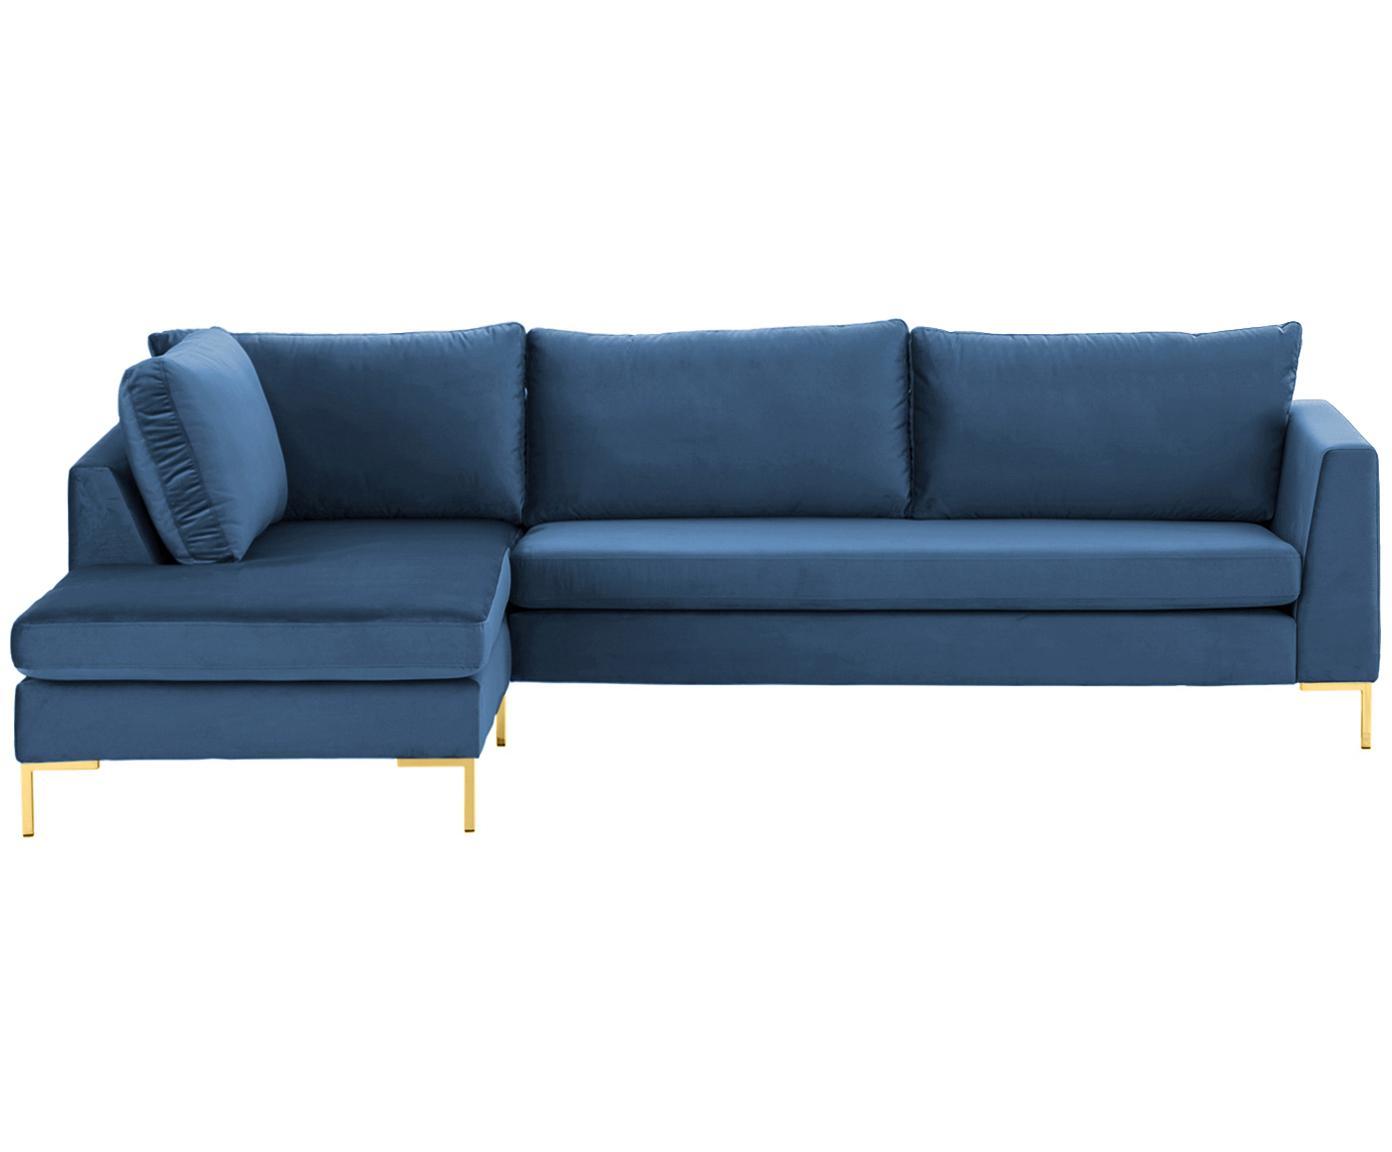 Sofa narożna z aksamitu Luna, Tapicerka: aksamit (100% poliester) , Stelaż: lite drewno bukowe, Nogi: metal galwanizowany, Aksamitny niebieski, złoty, S 280 x G 184 cm